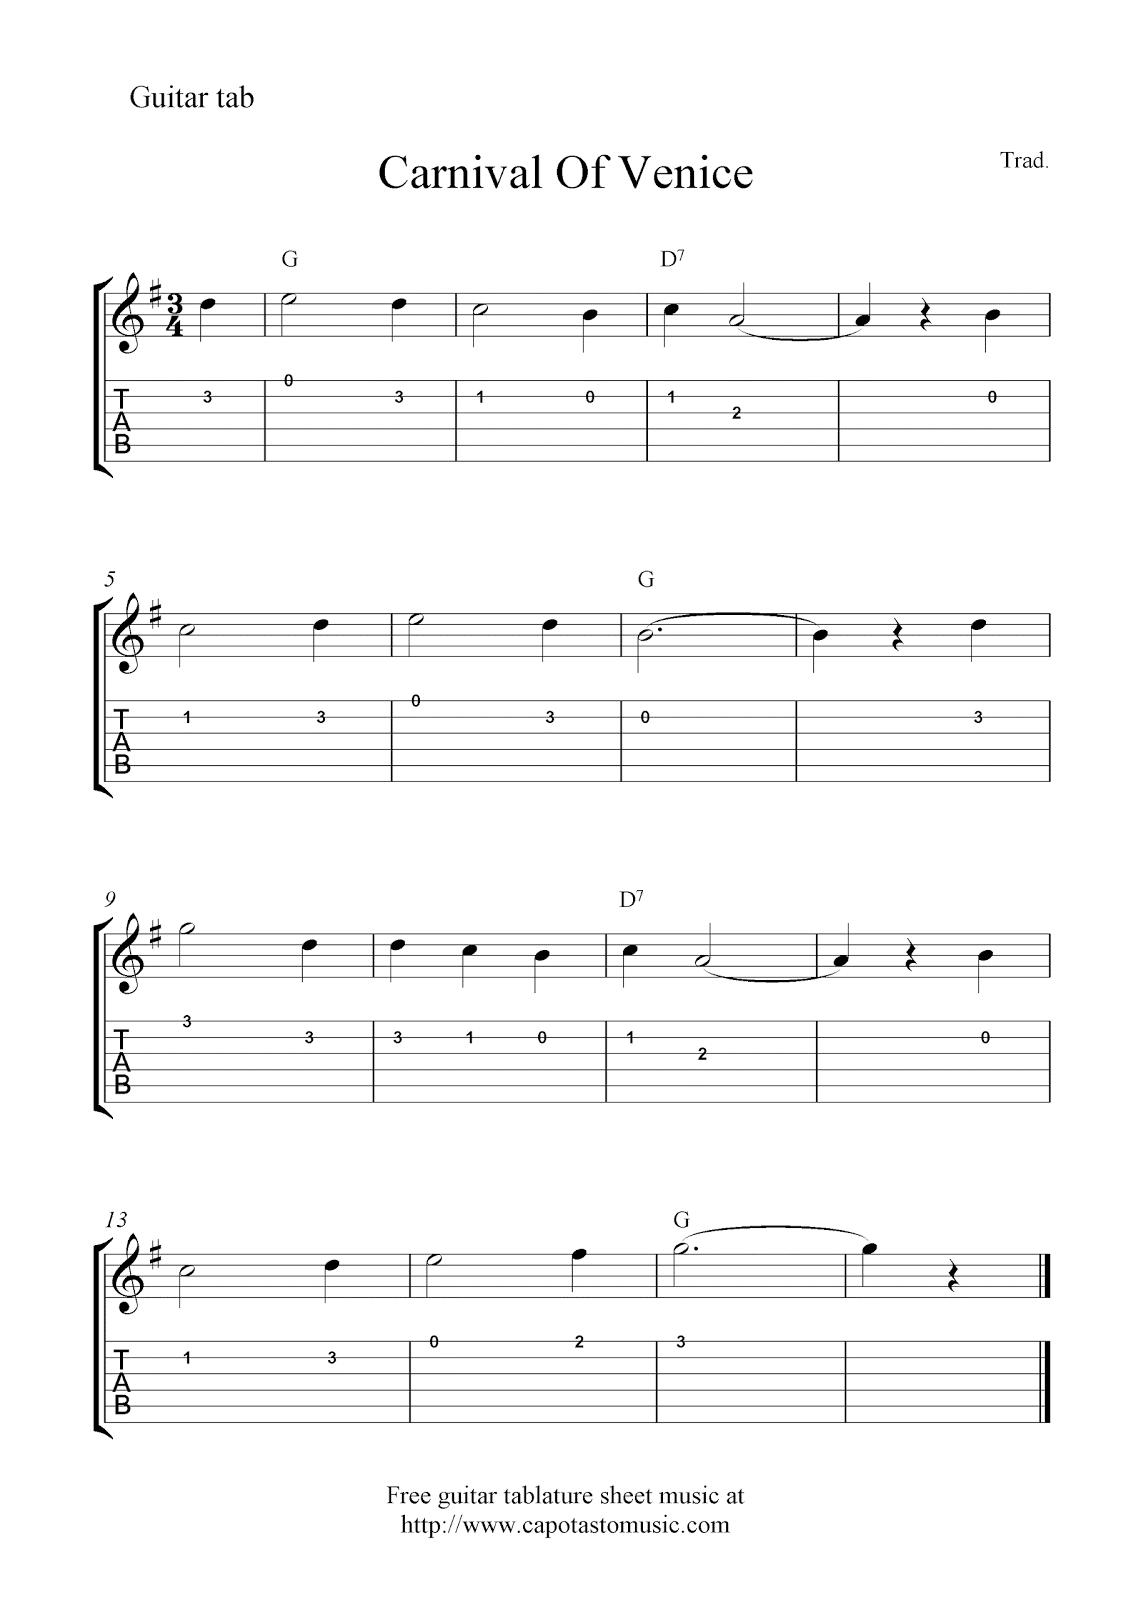 Free Printable Sheet Music Guitar Tabs